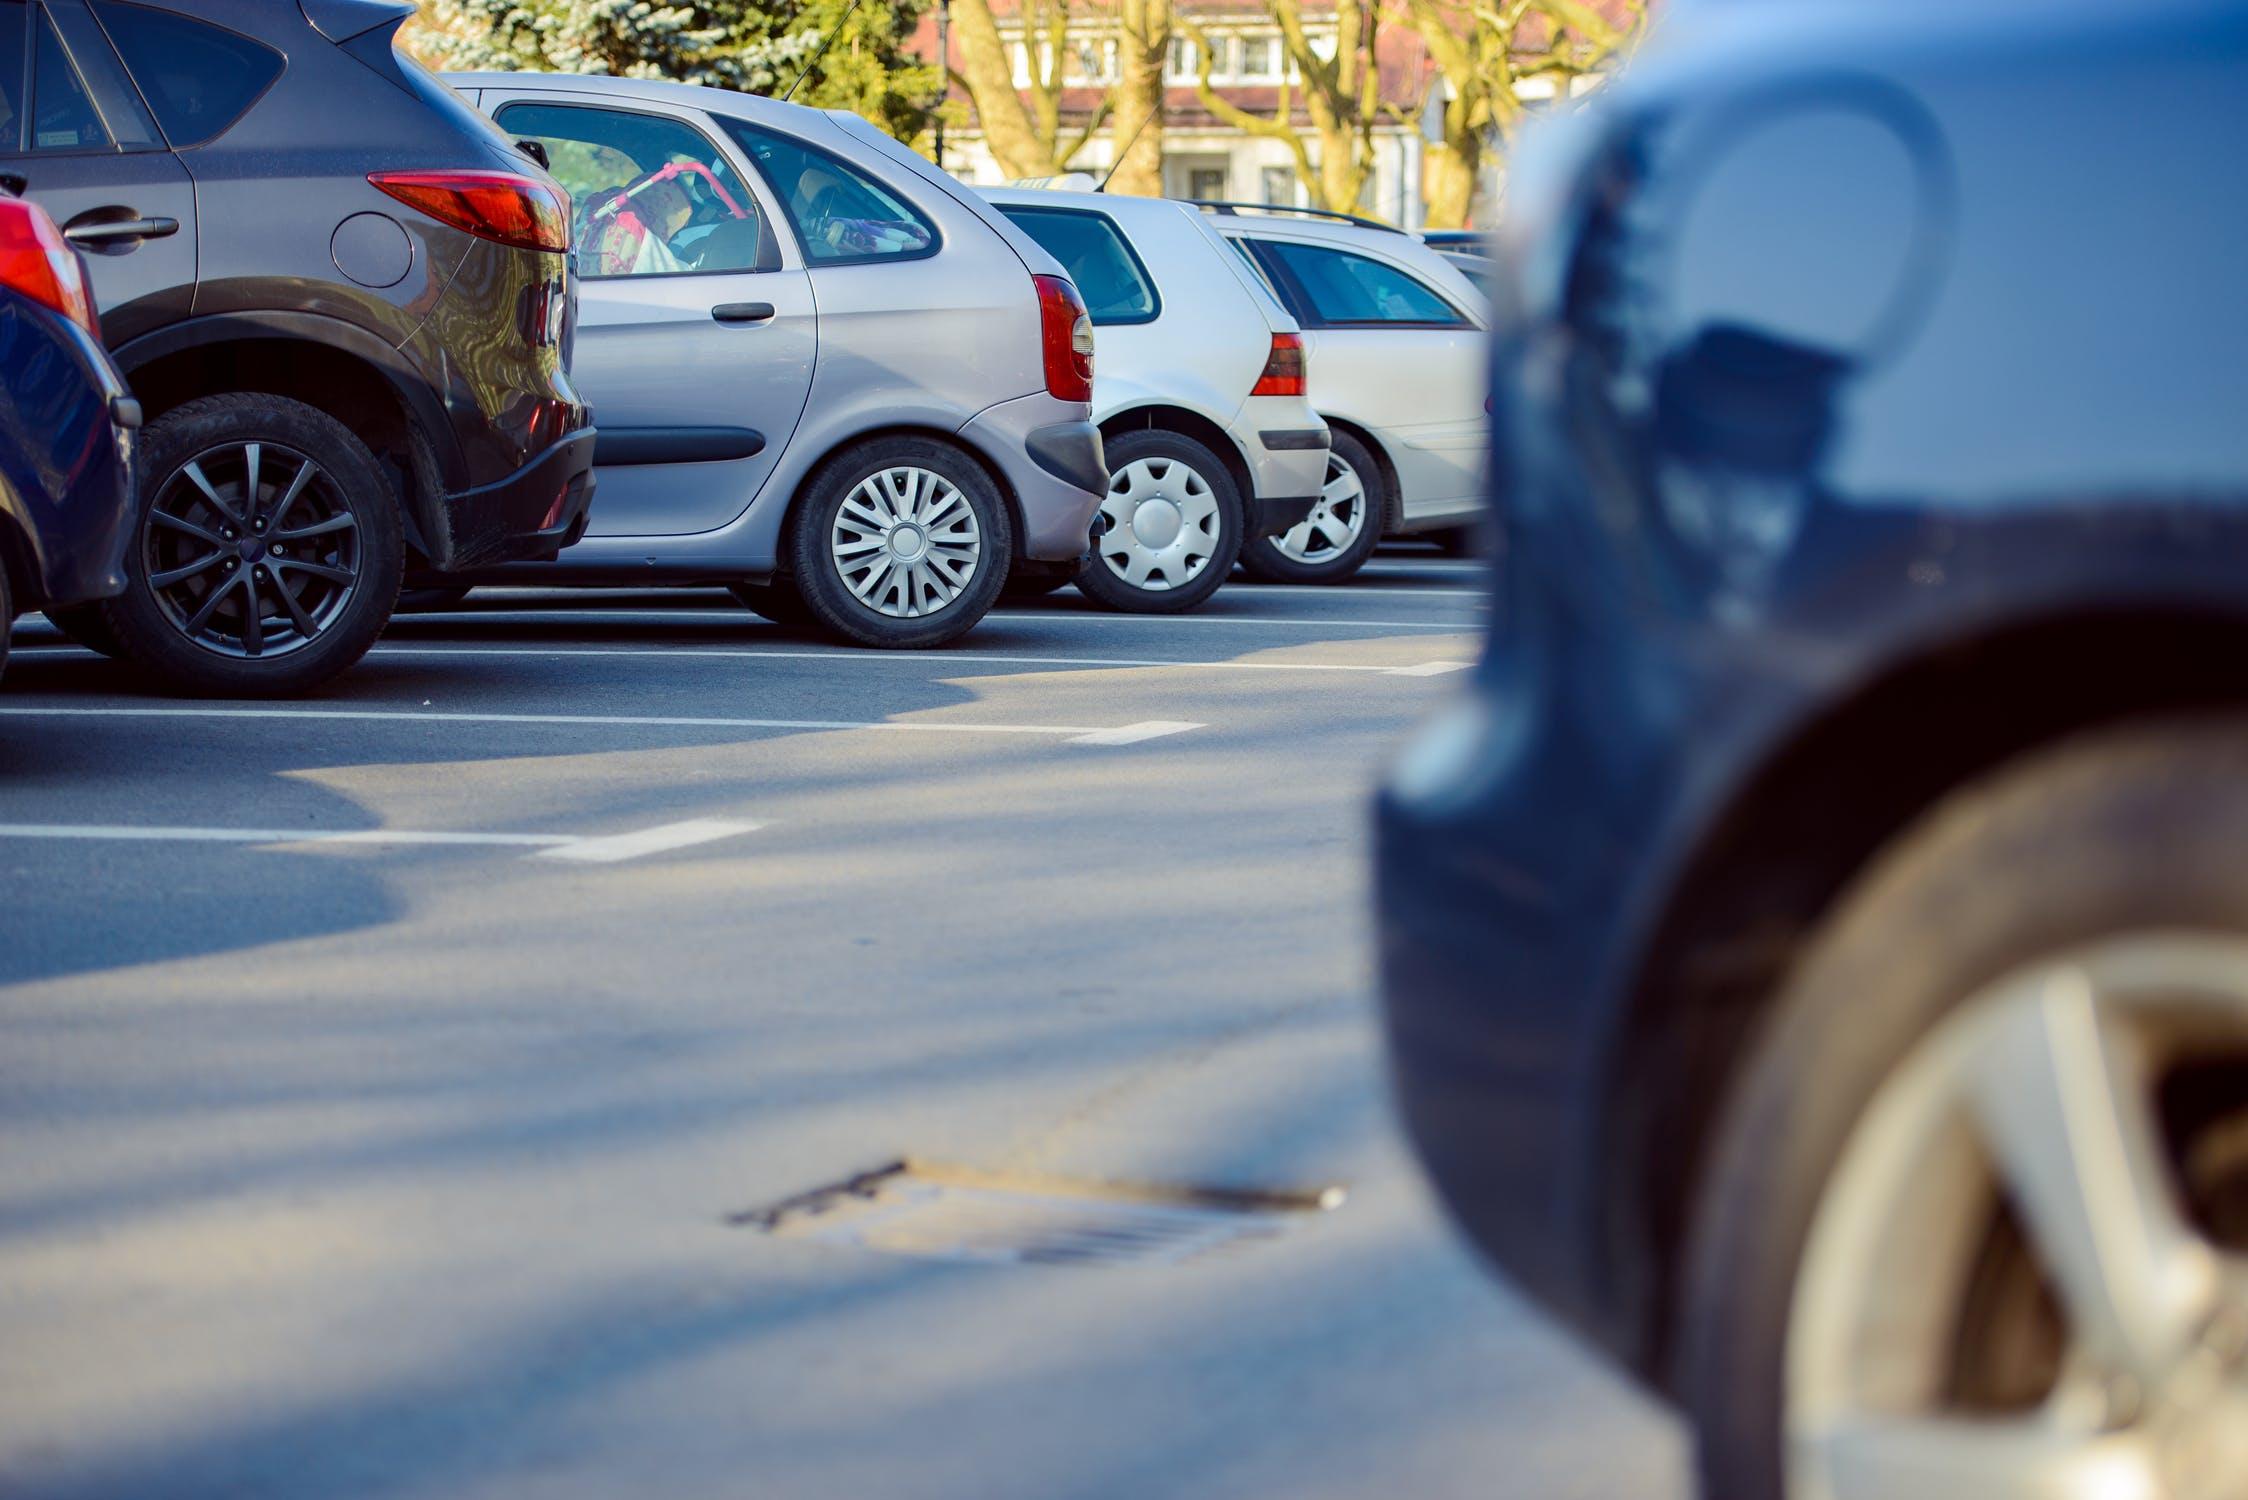 Ingyenes a parkolás Balatonfüreden is